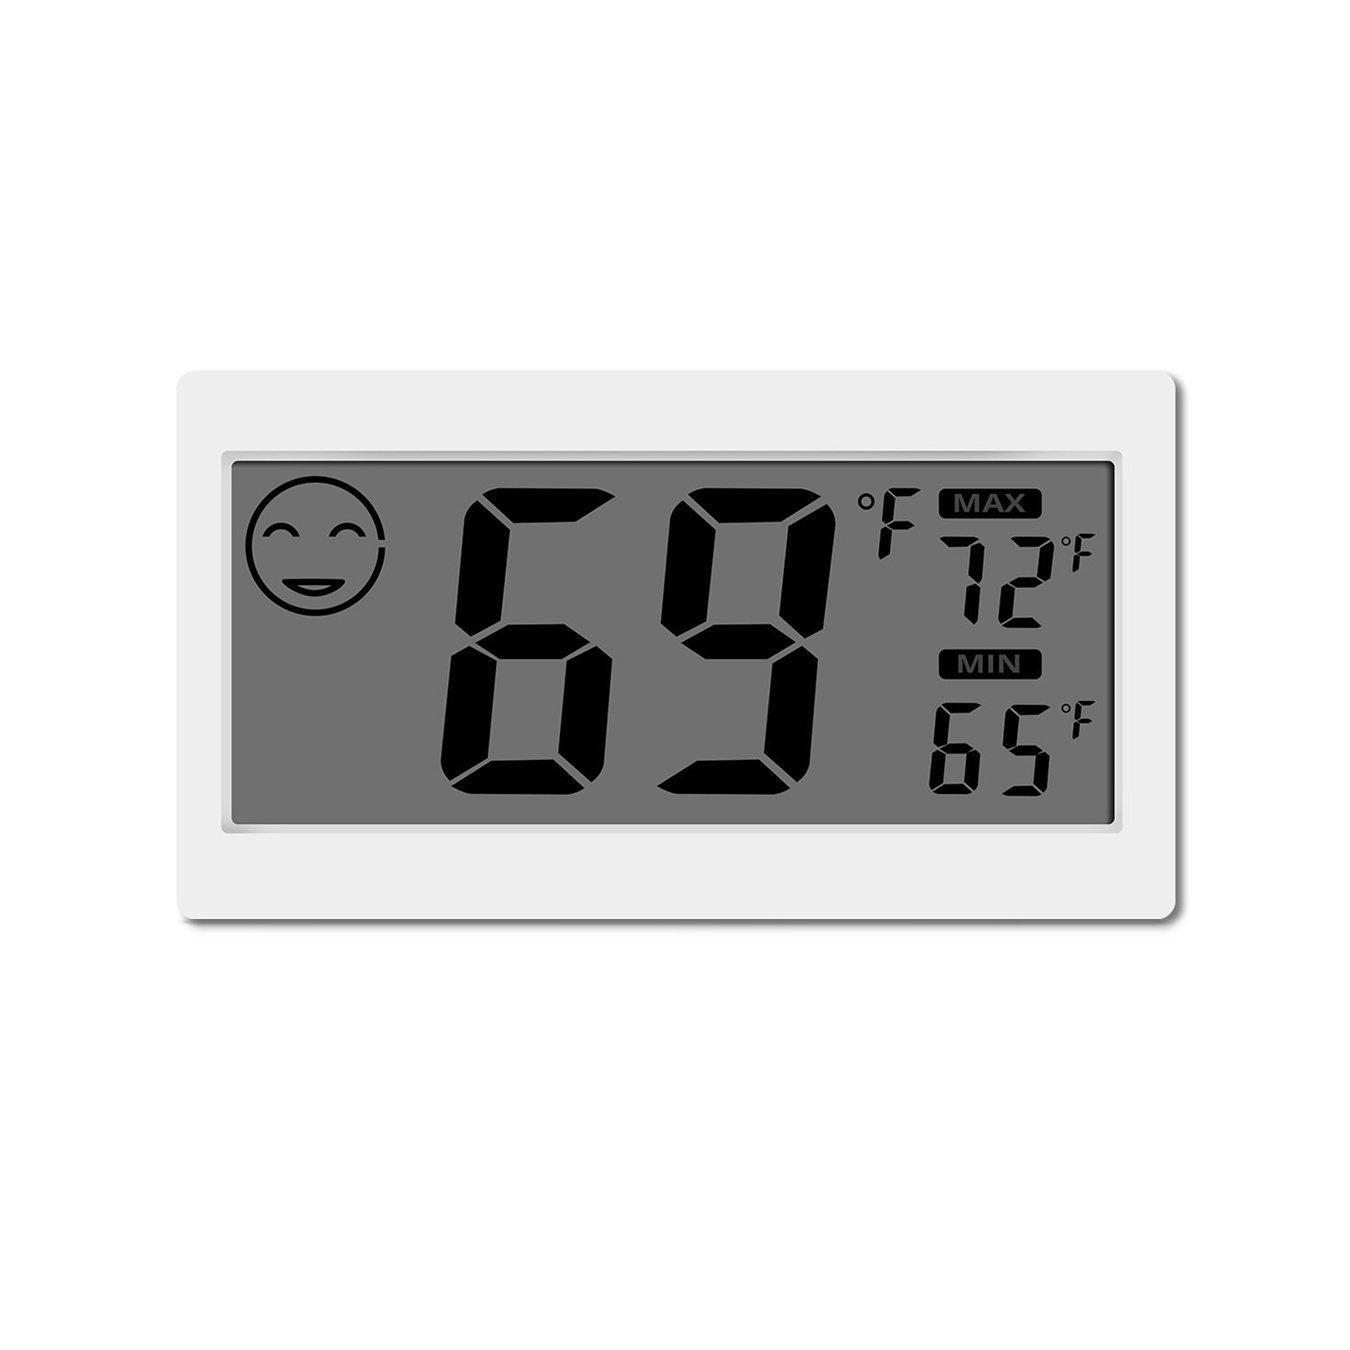 Termometro digitale Igrometro per interni Misuratore di umidità per ambienti con schermo grande Stand per appendere a muro Magnete per cucina Magnetic Greenhouse Car YiePhiot